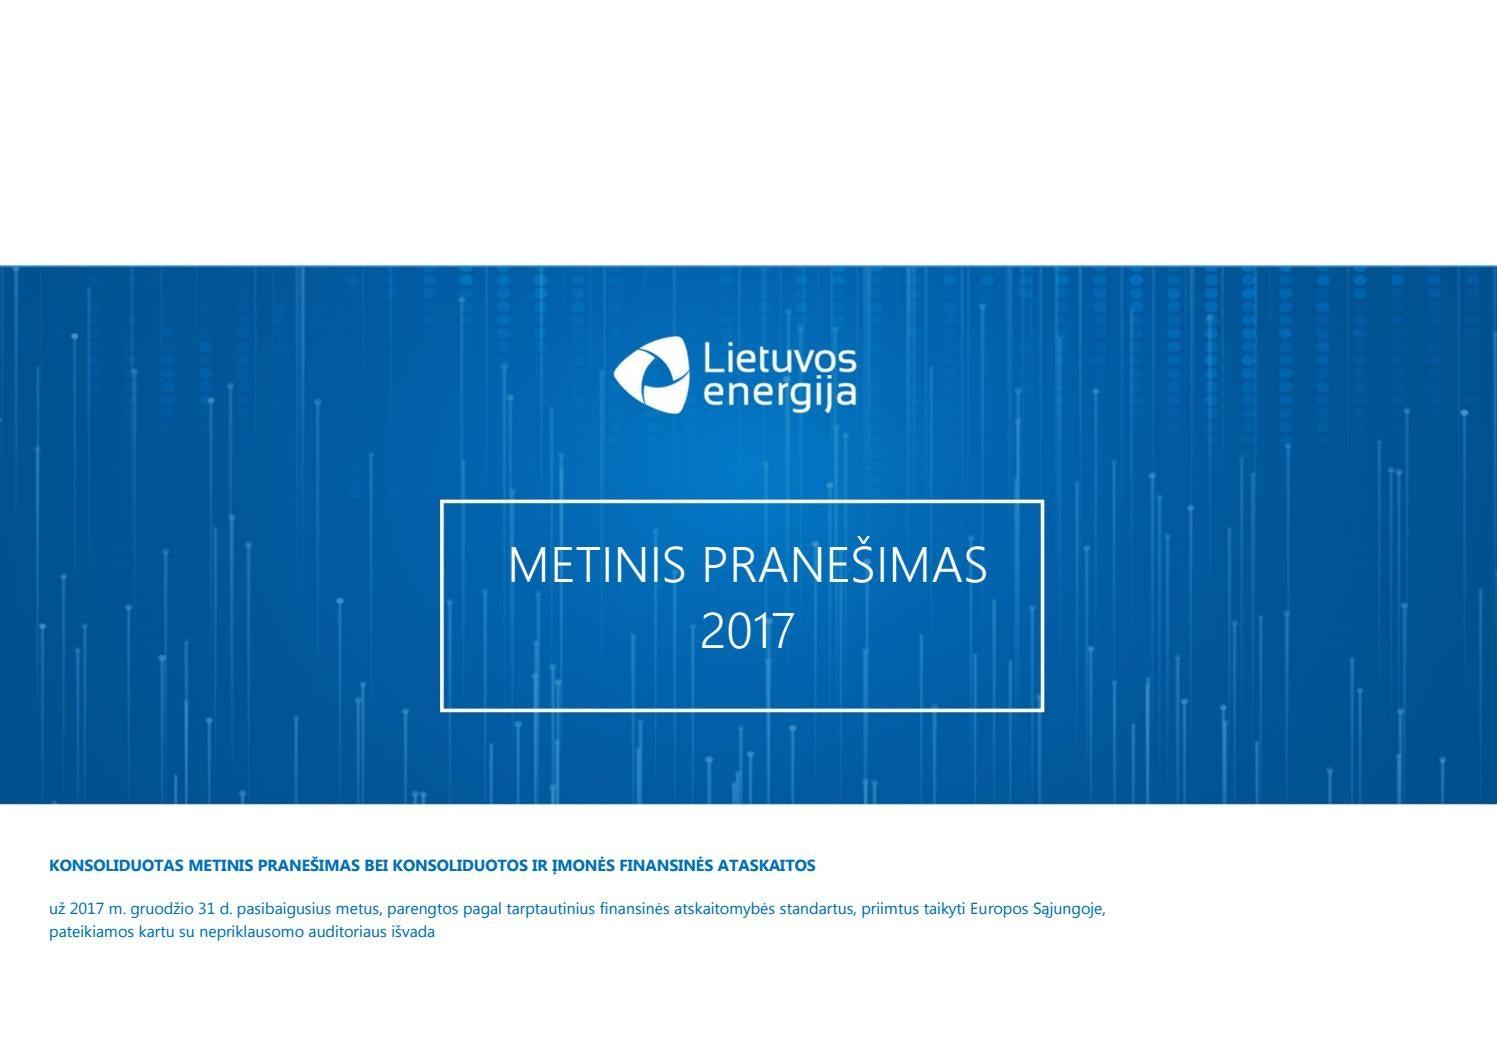 Įpareigojančių akcijų opcionai liuksemburge